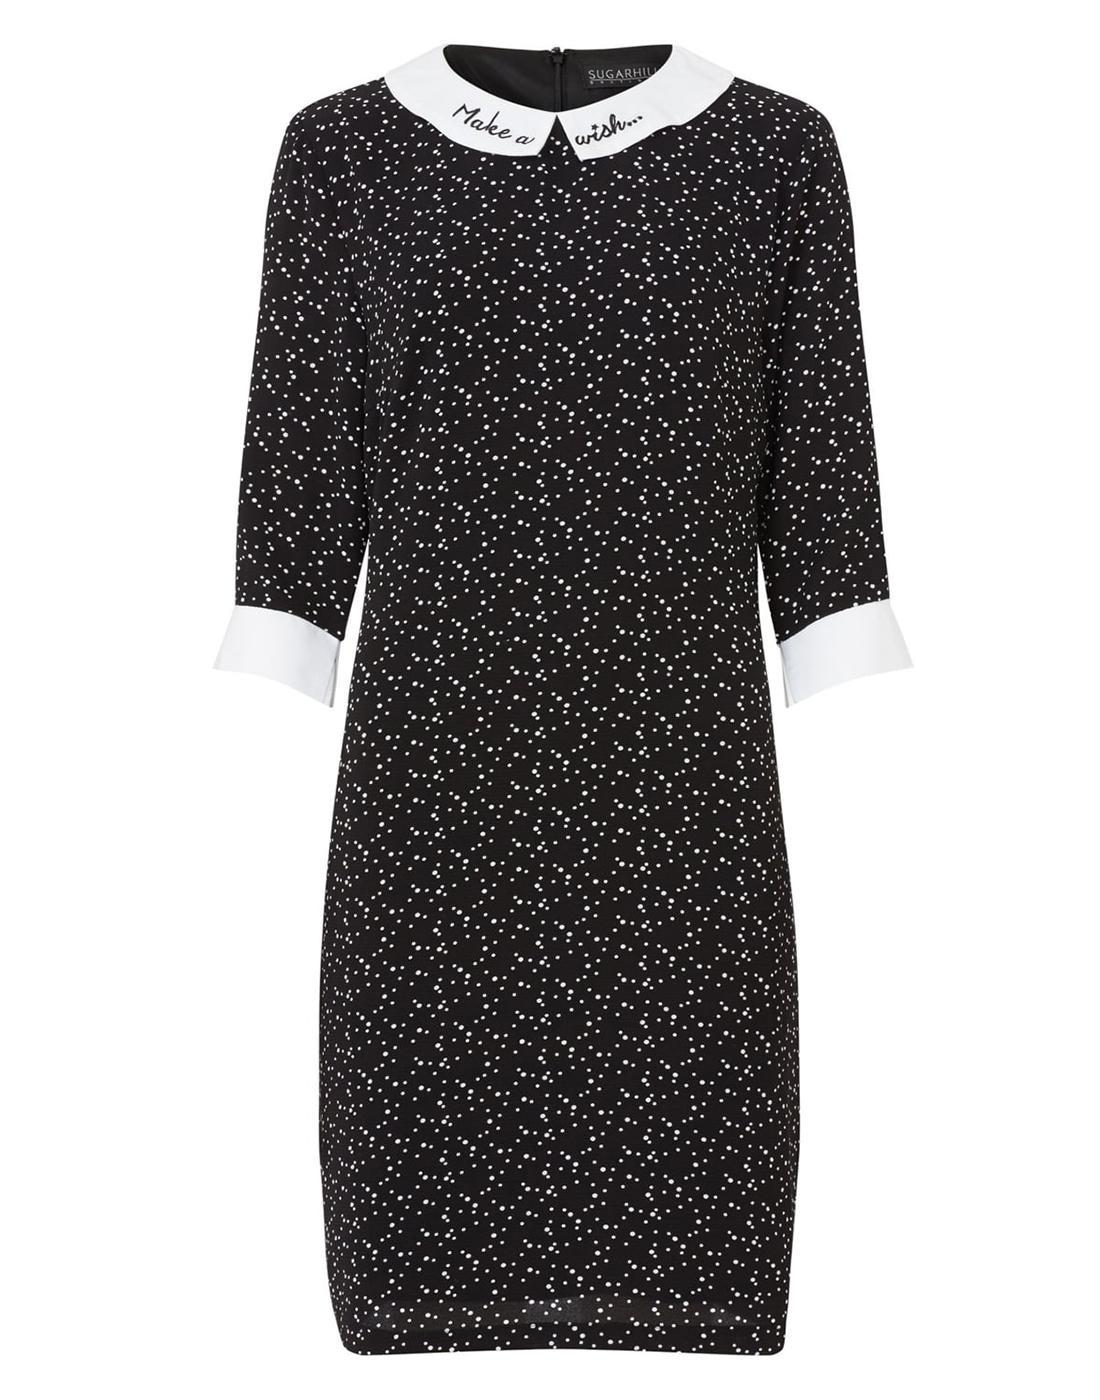 Make A Wish SUGARHILL BOUTIQUE Mod Tunic Dress